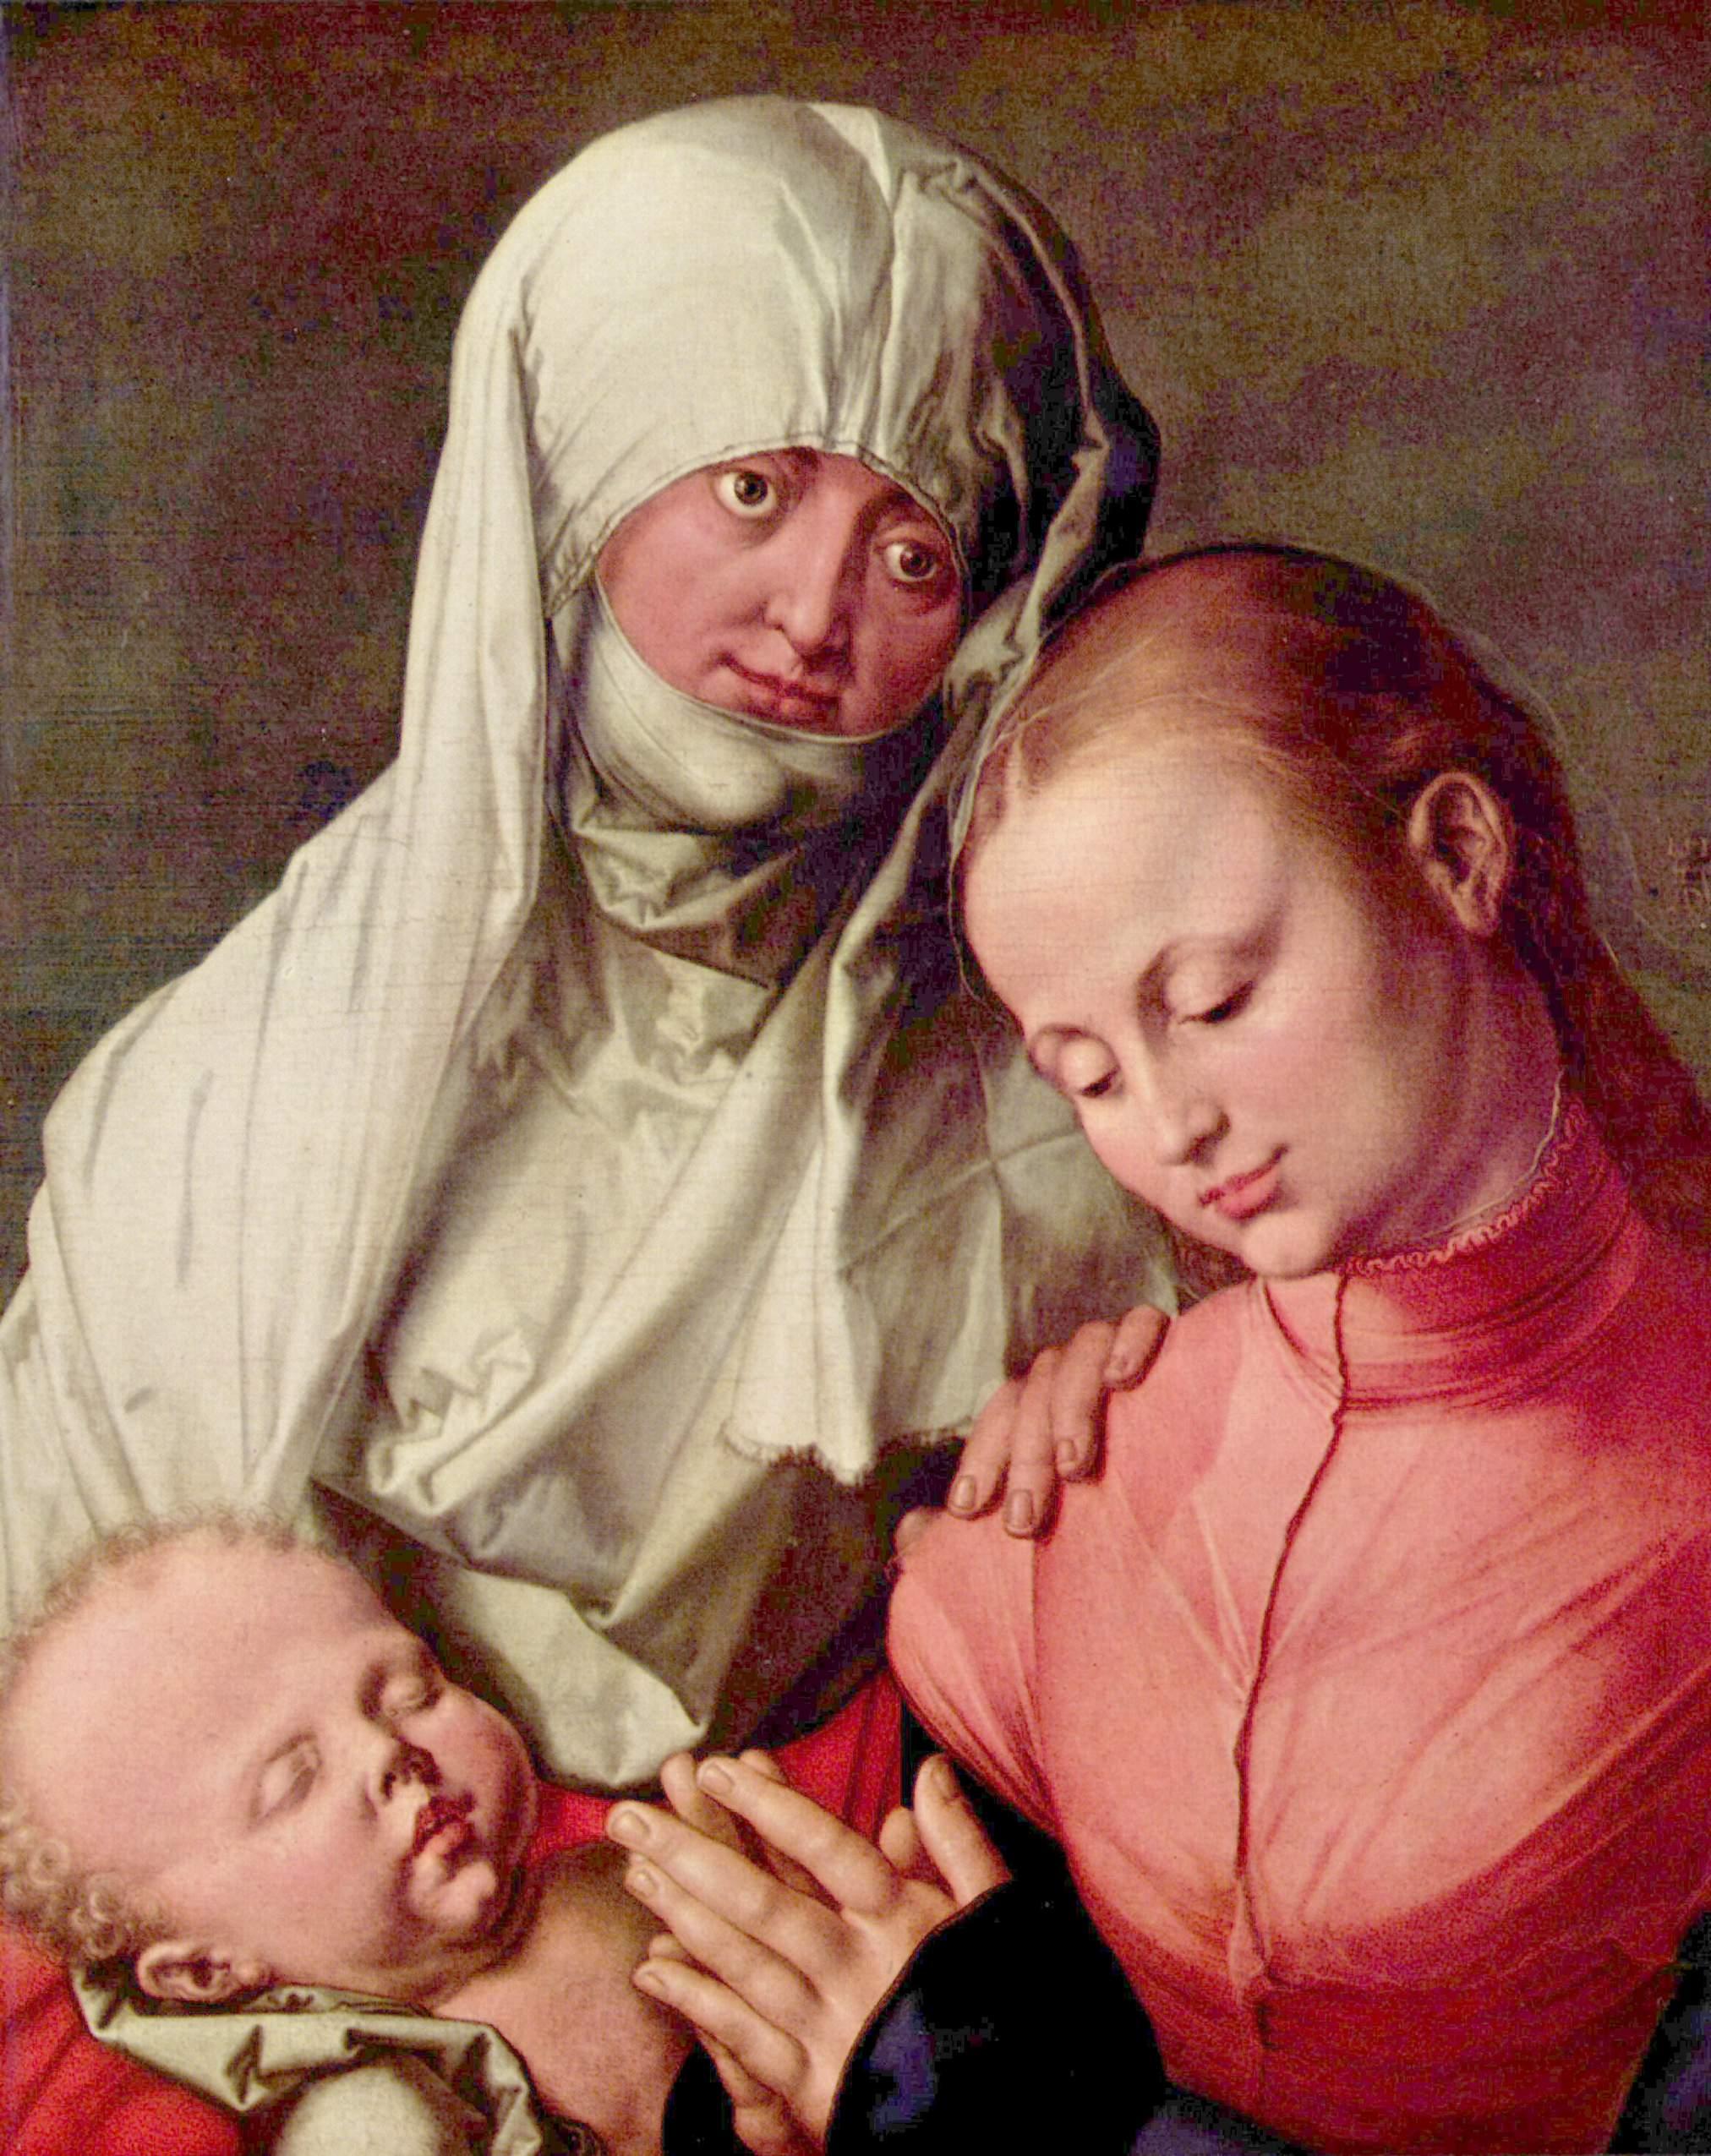 Дева Мария с младенцем и св. Анной, Альбрехт Дюрер